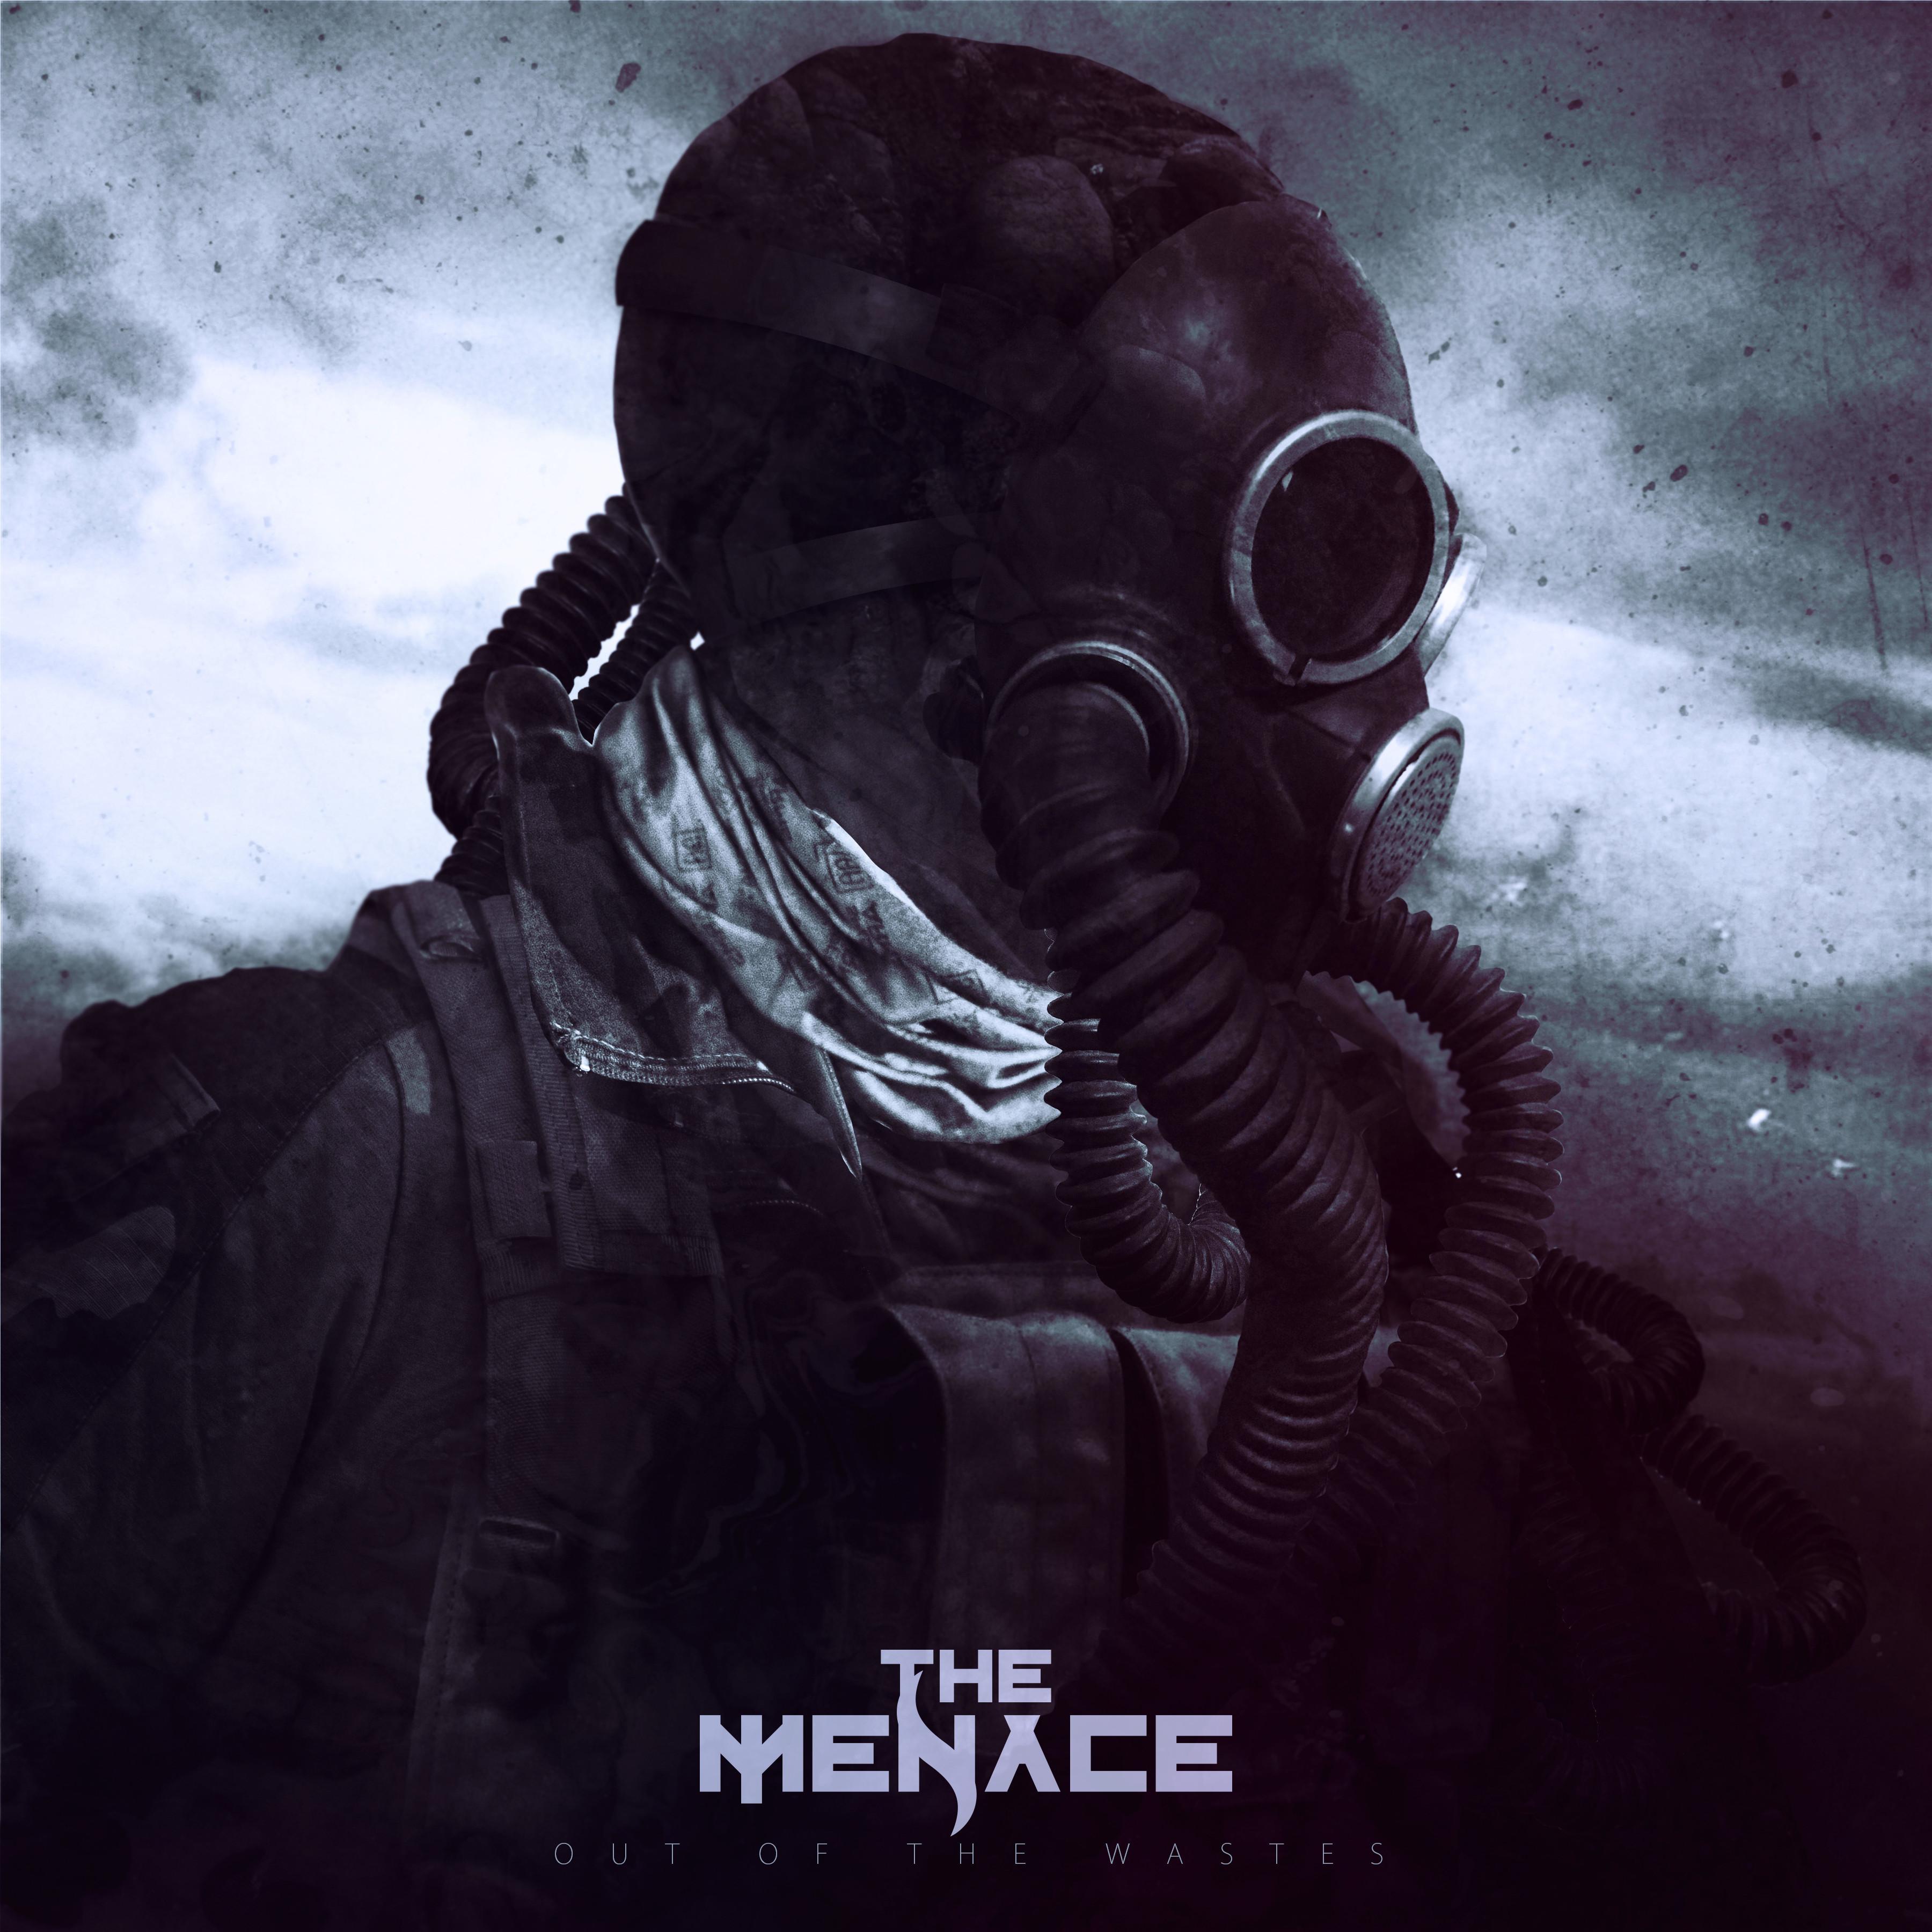 Premade Album Cover - Code: Outofthewastes